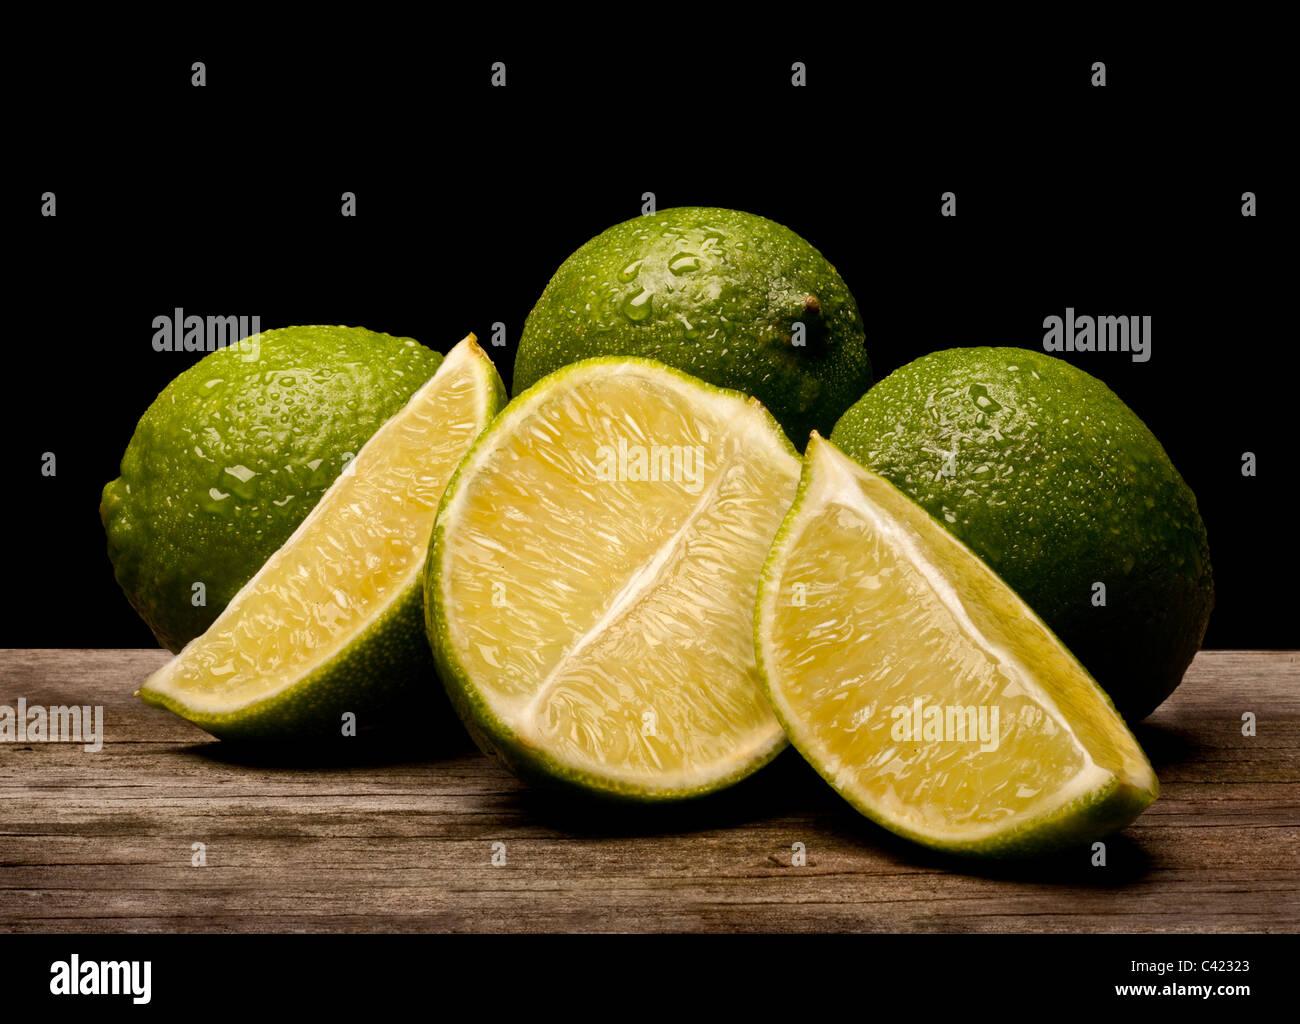 Avec des tranches de citron vert. L'alimentation Photo Stock